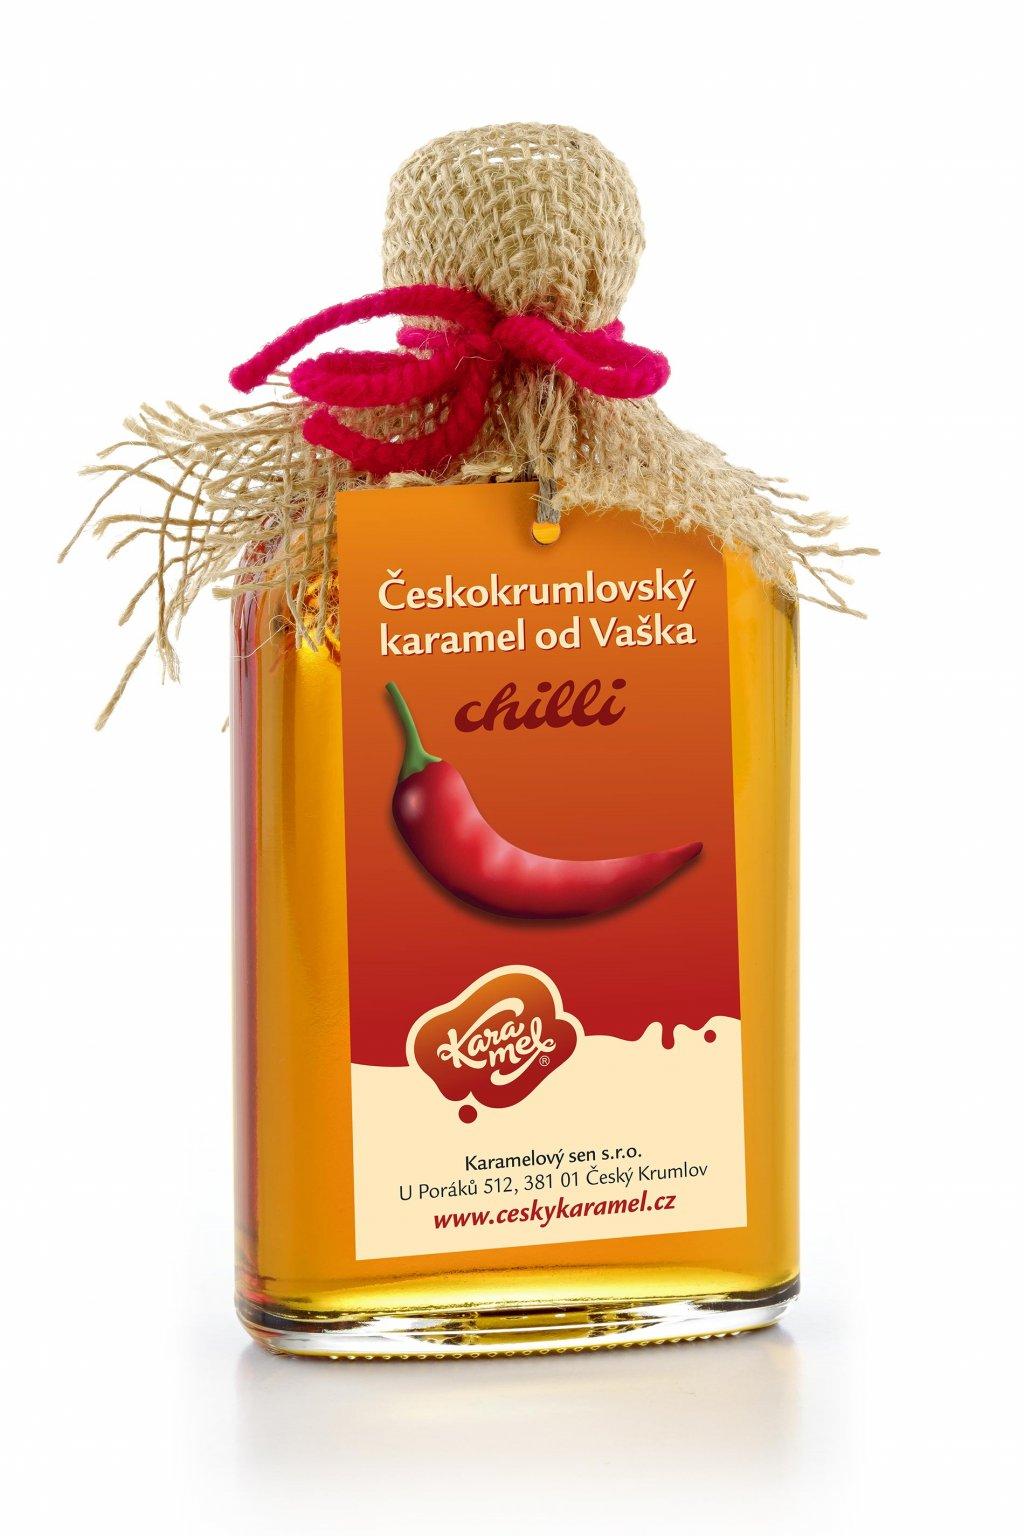 tekutý českokrumlovský karamel od vaška chilli